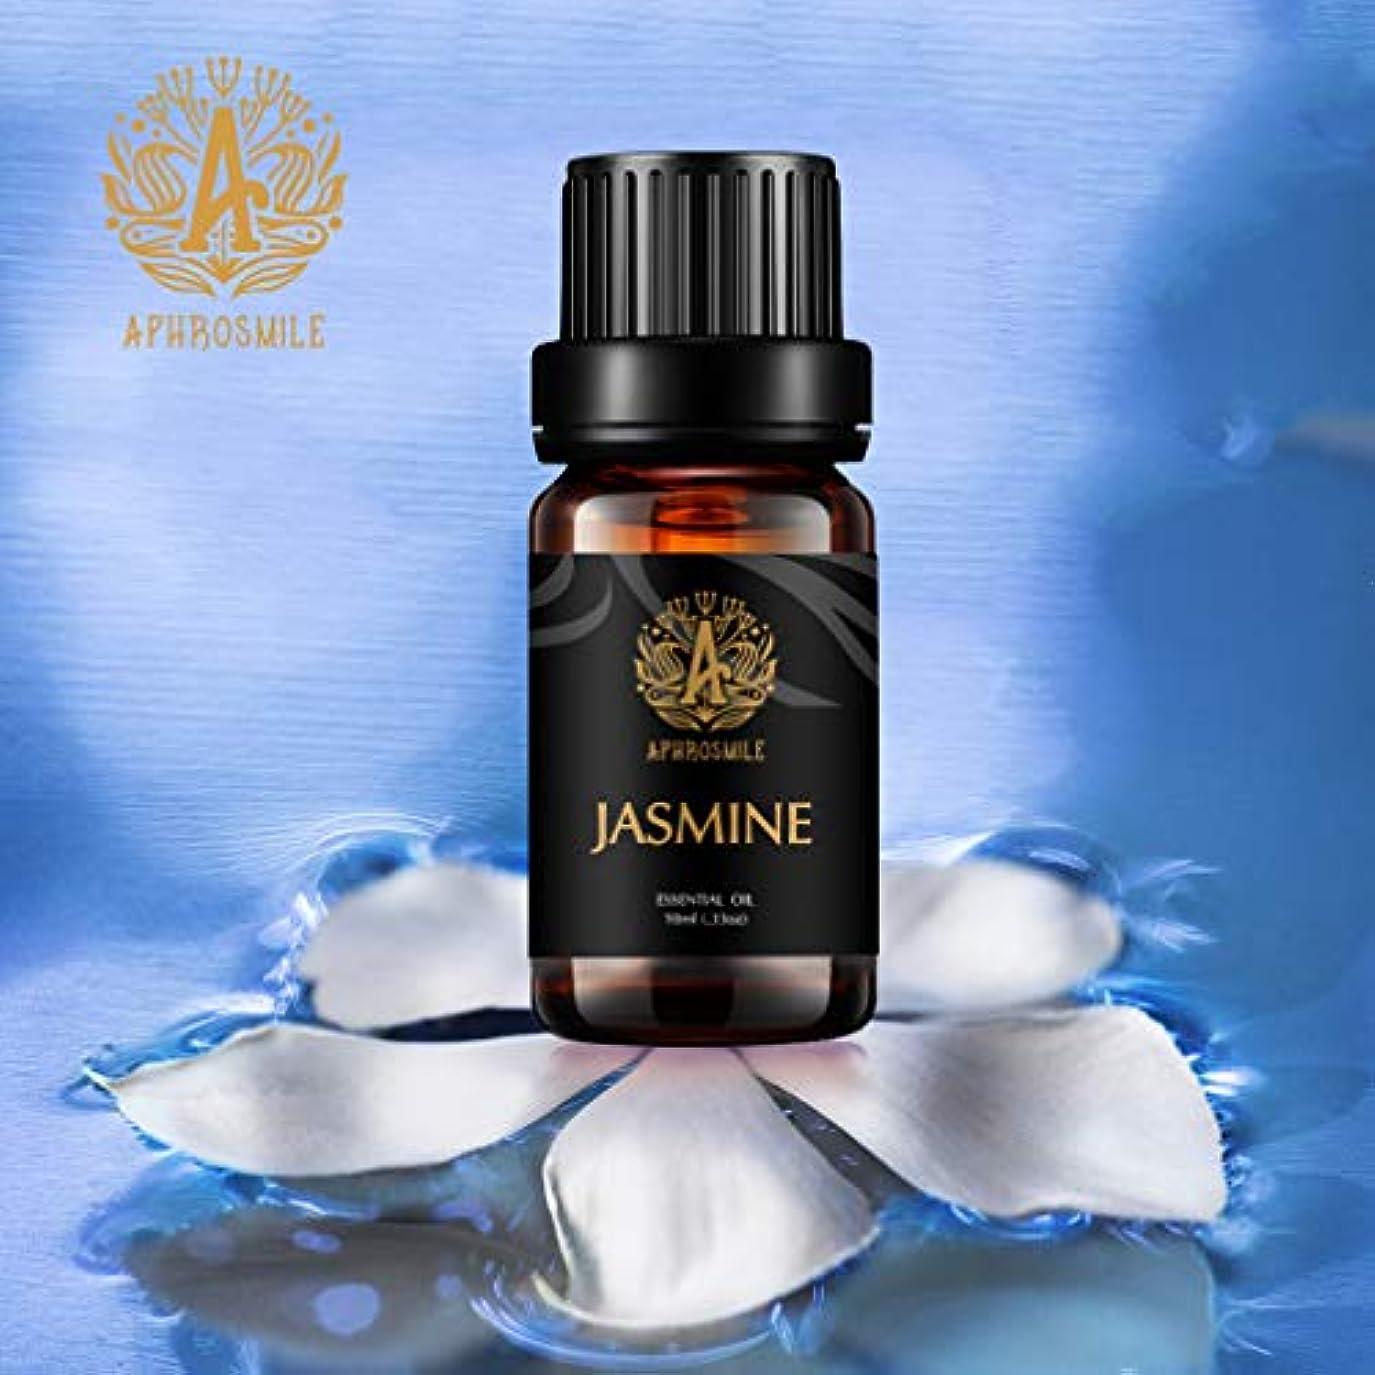 いらいらする配置十分ジャスミンエッセンシャルオイル、100%純粋なアロマセラピーエッセンシャルオイルジャスミンの香りと甘い花の香り、治療上の等級の精油のジャスミンの芳香為に拡散器、マッサージ、加湿器、毎日の心配、0.33オンス-10ml